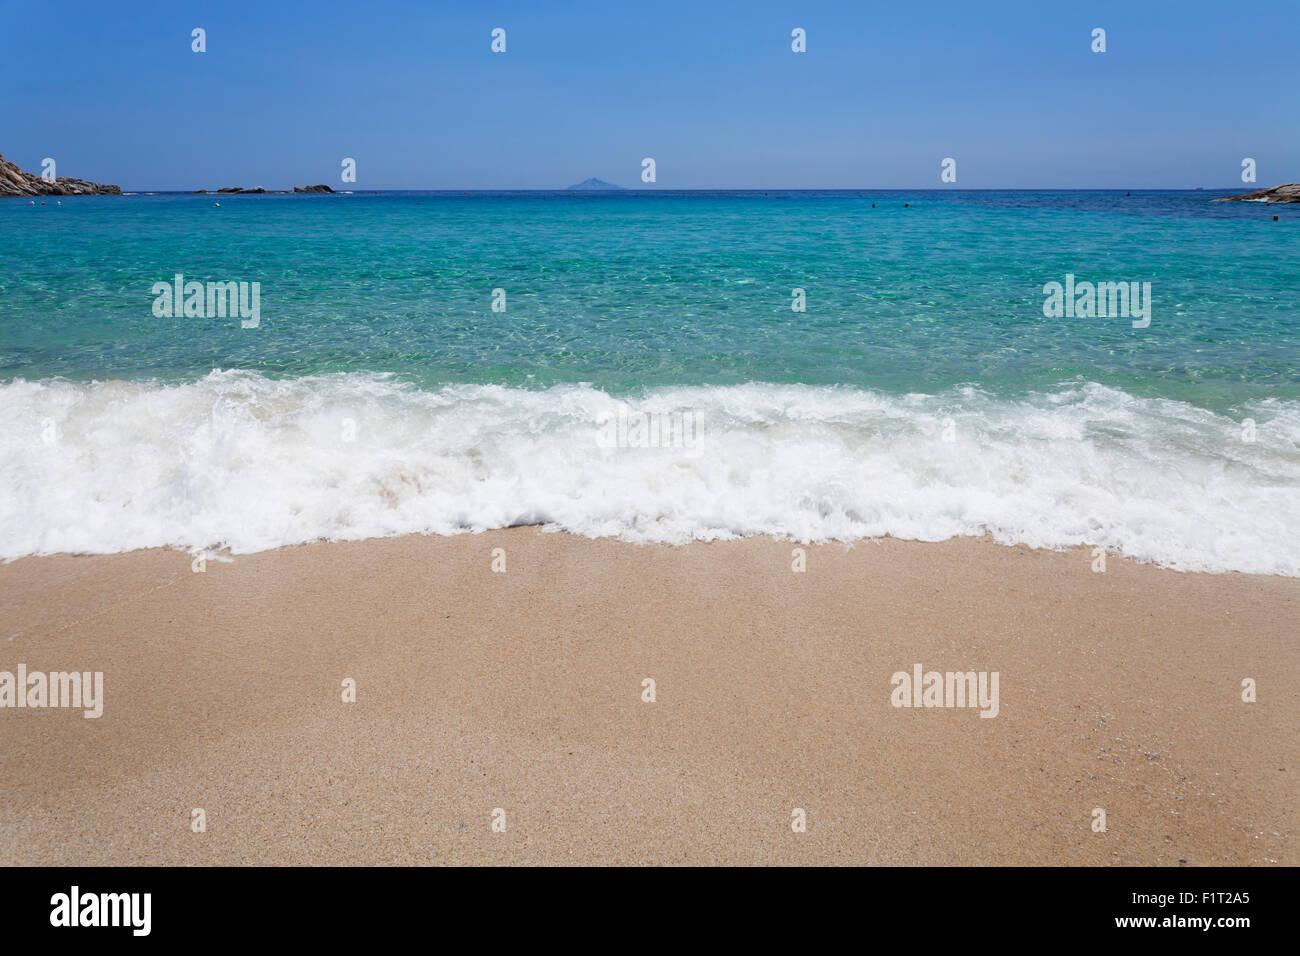 Beach of Cavoli, Island of Elba, Livorno Province, Tuscany, Italy, Europe - Stock Image